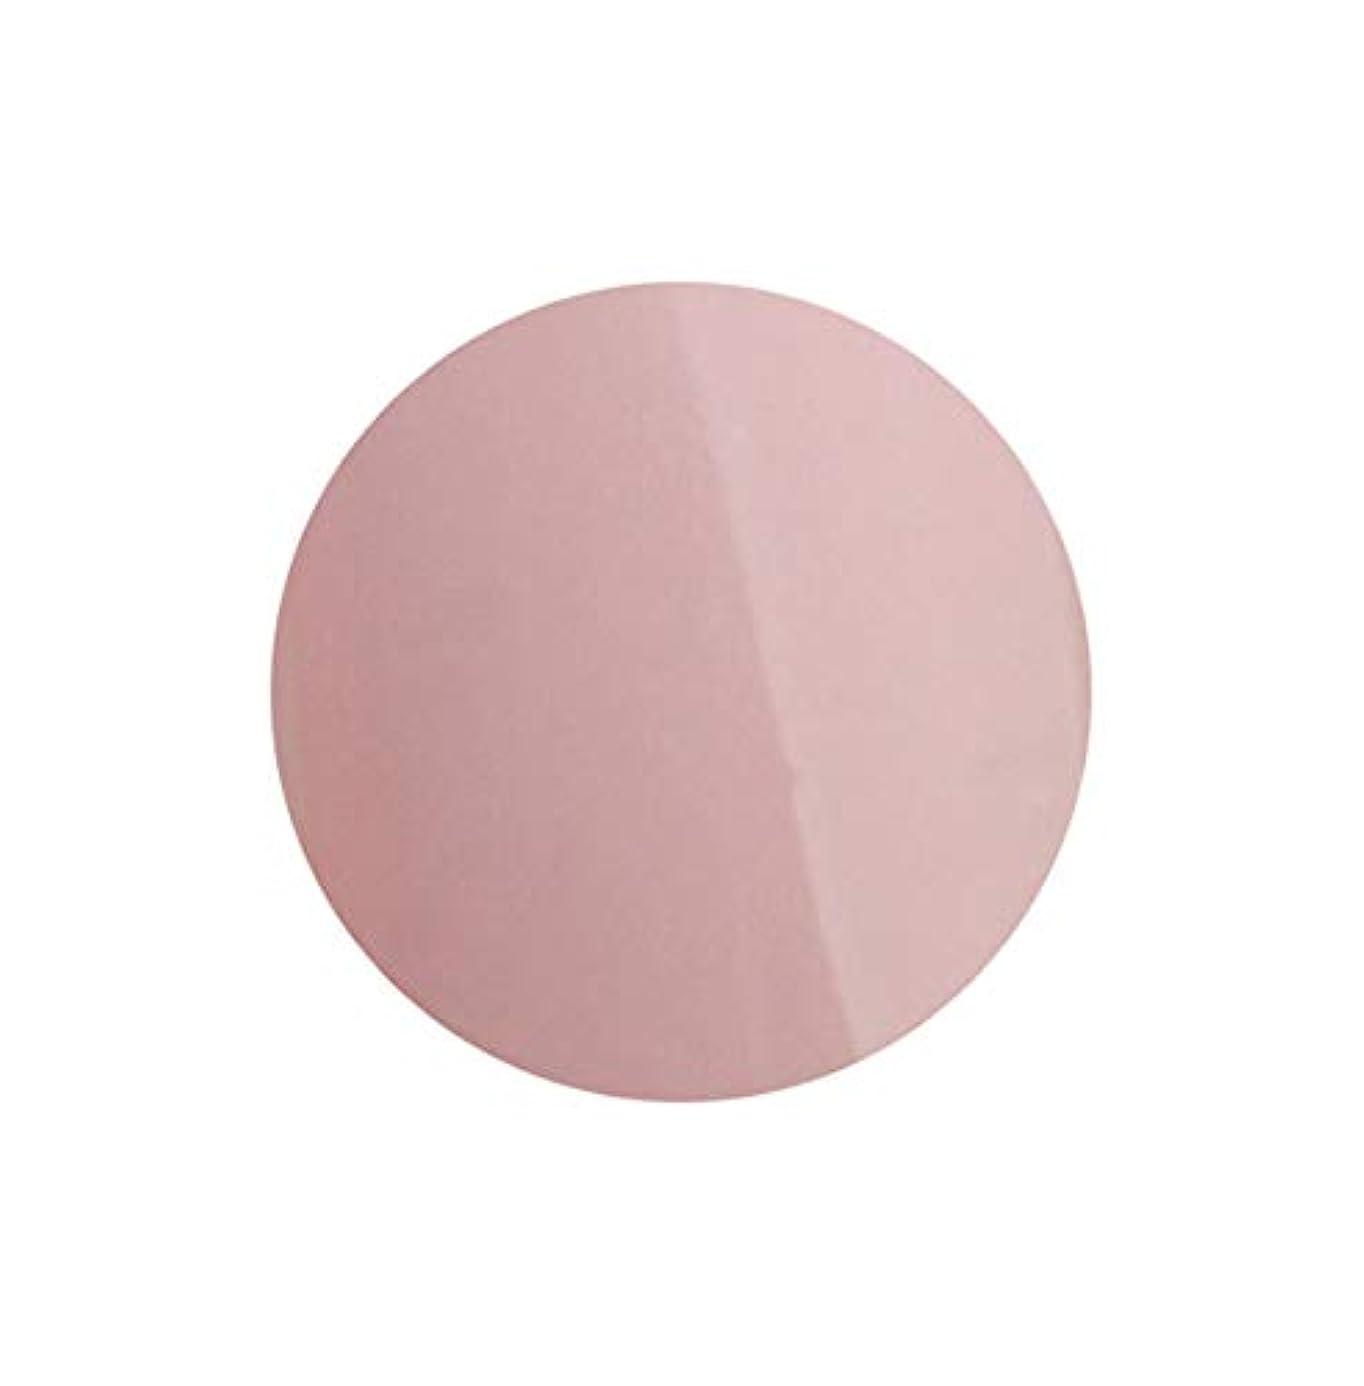 ホールドオール高架ガラスSHAREYDVA シャレドワ+ ネイルカラー No.32 ライトモーブピンク